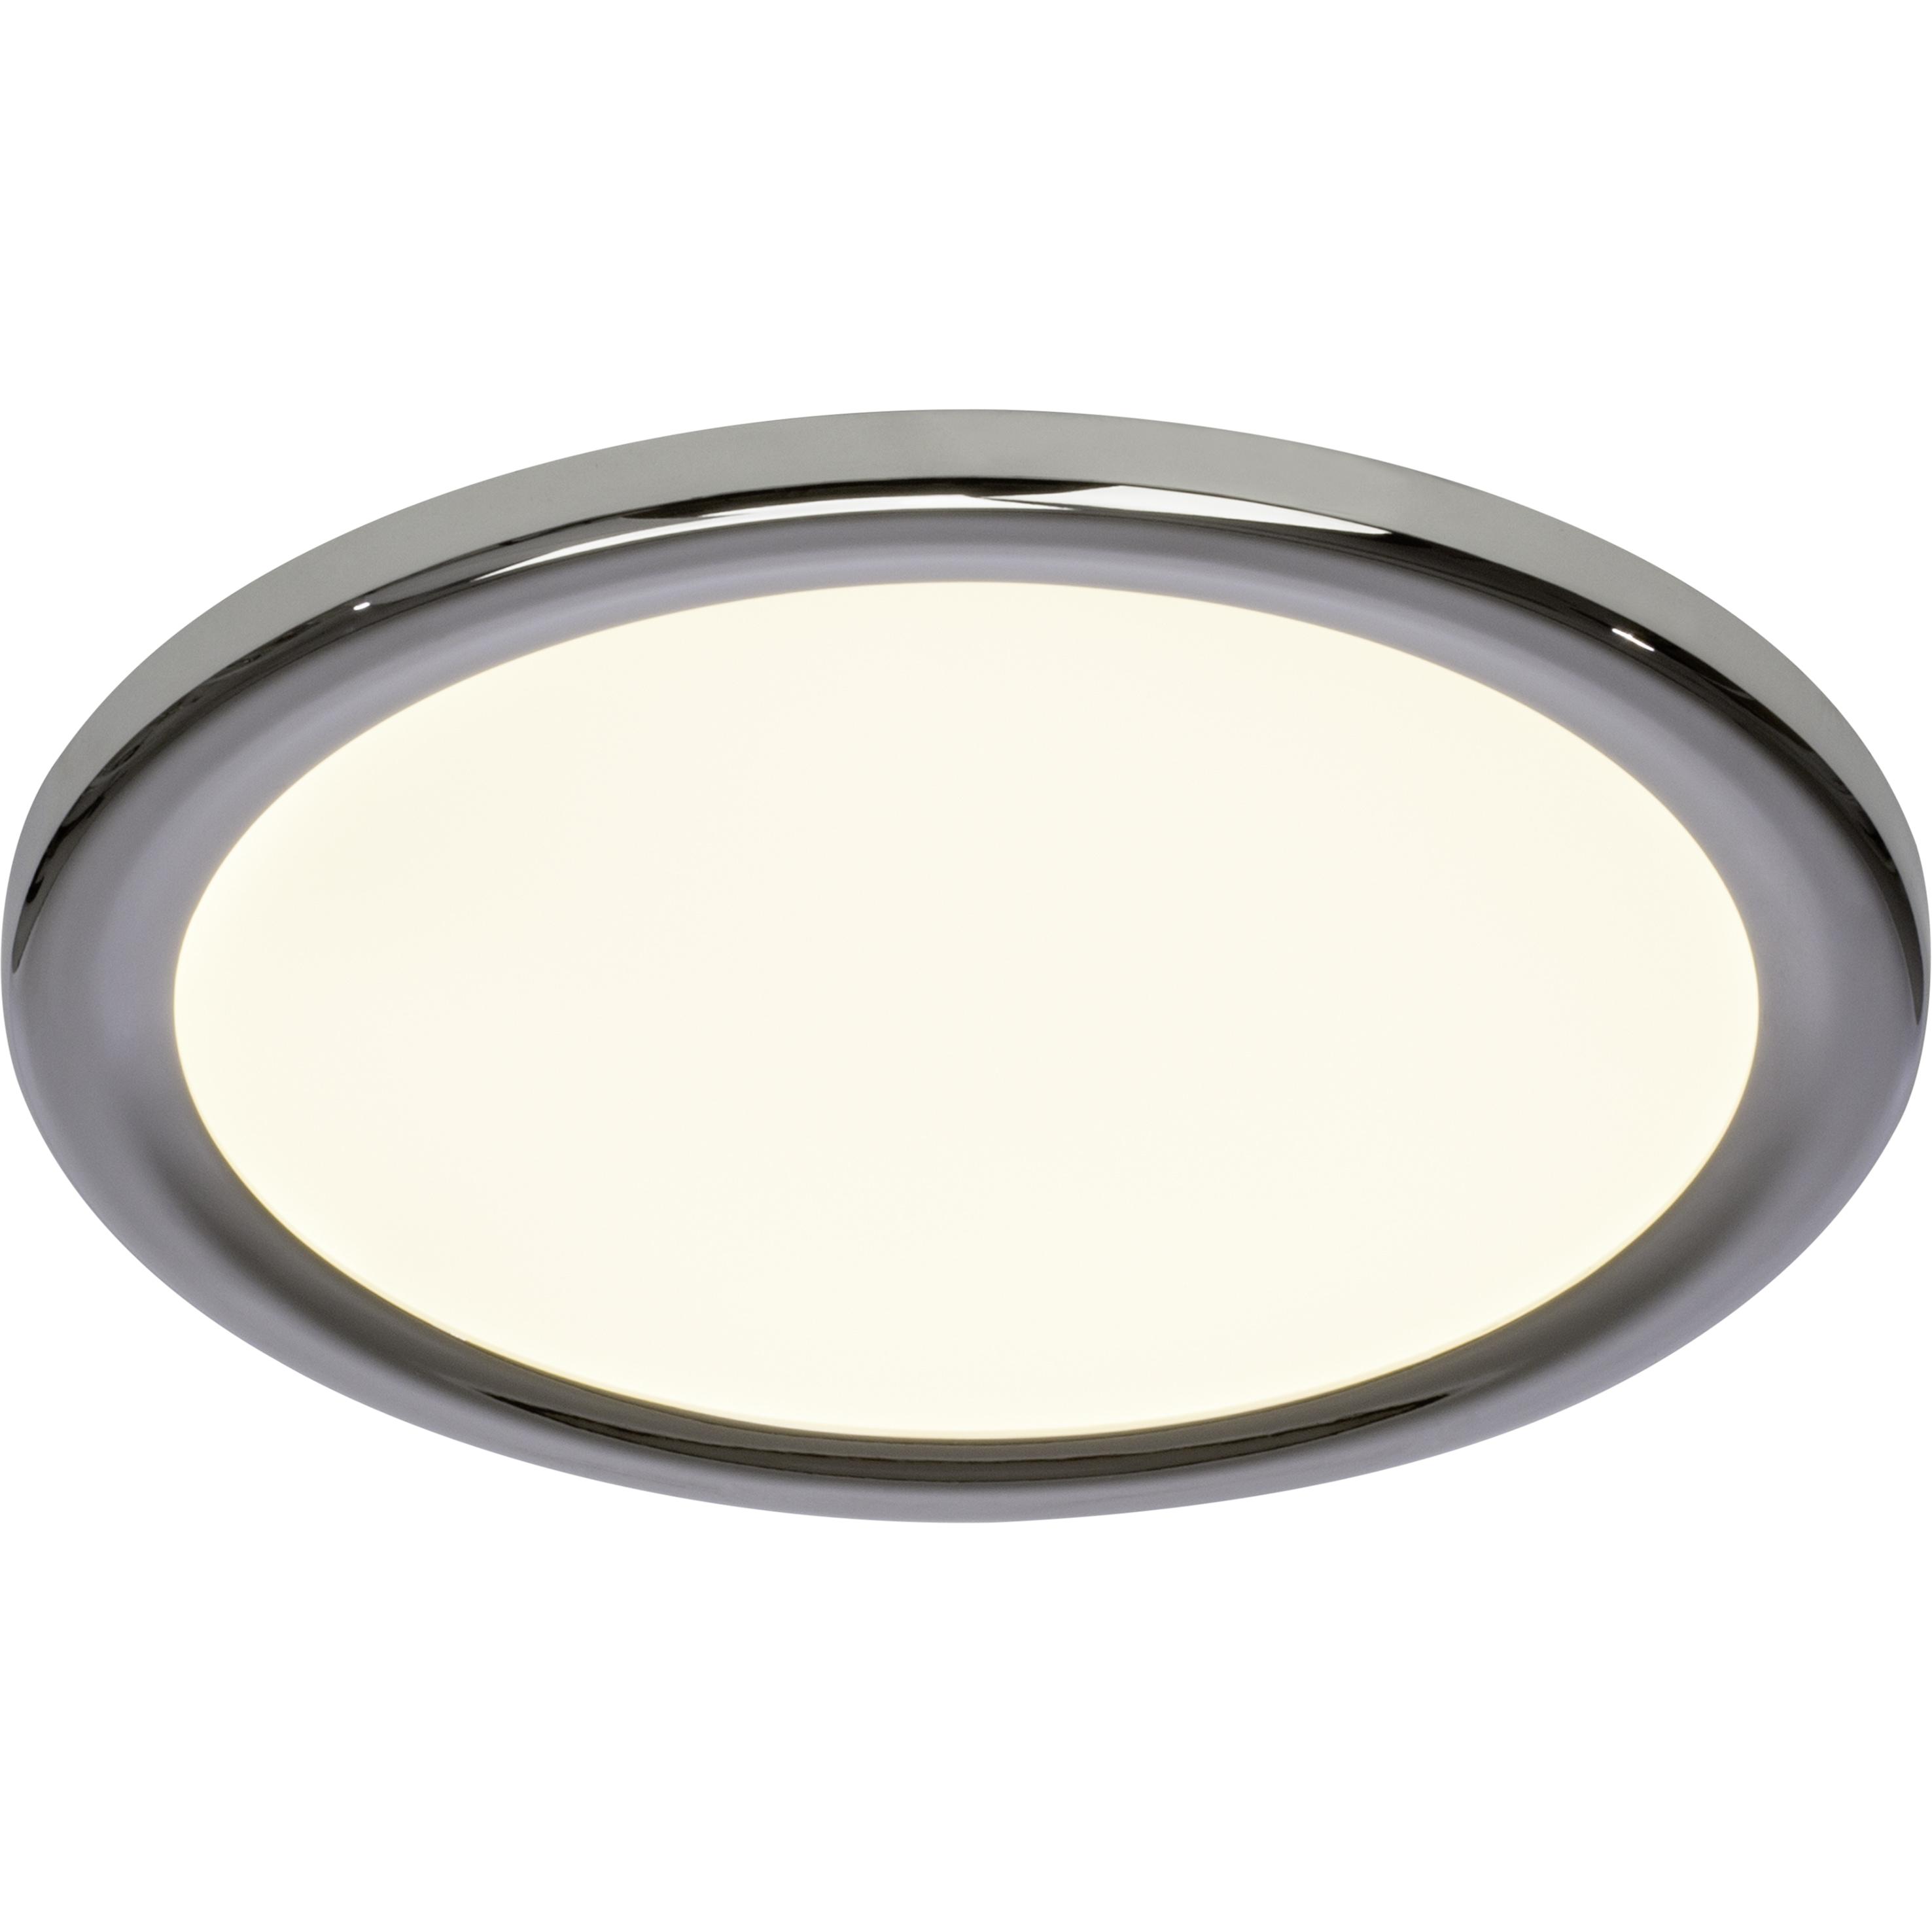 Brilliant Leuchten Palin LED Wand- und Deckenleuchte 30cm chrom/weiß